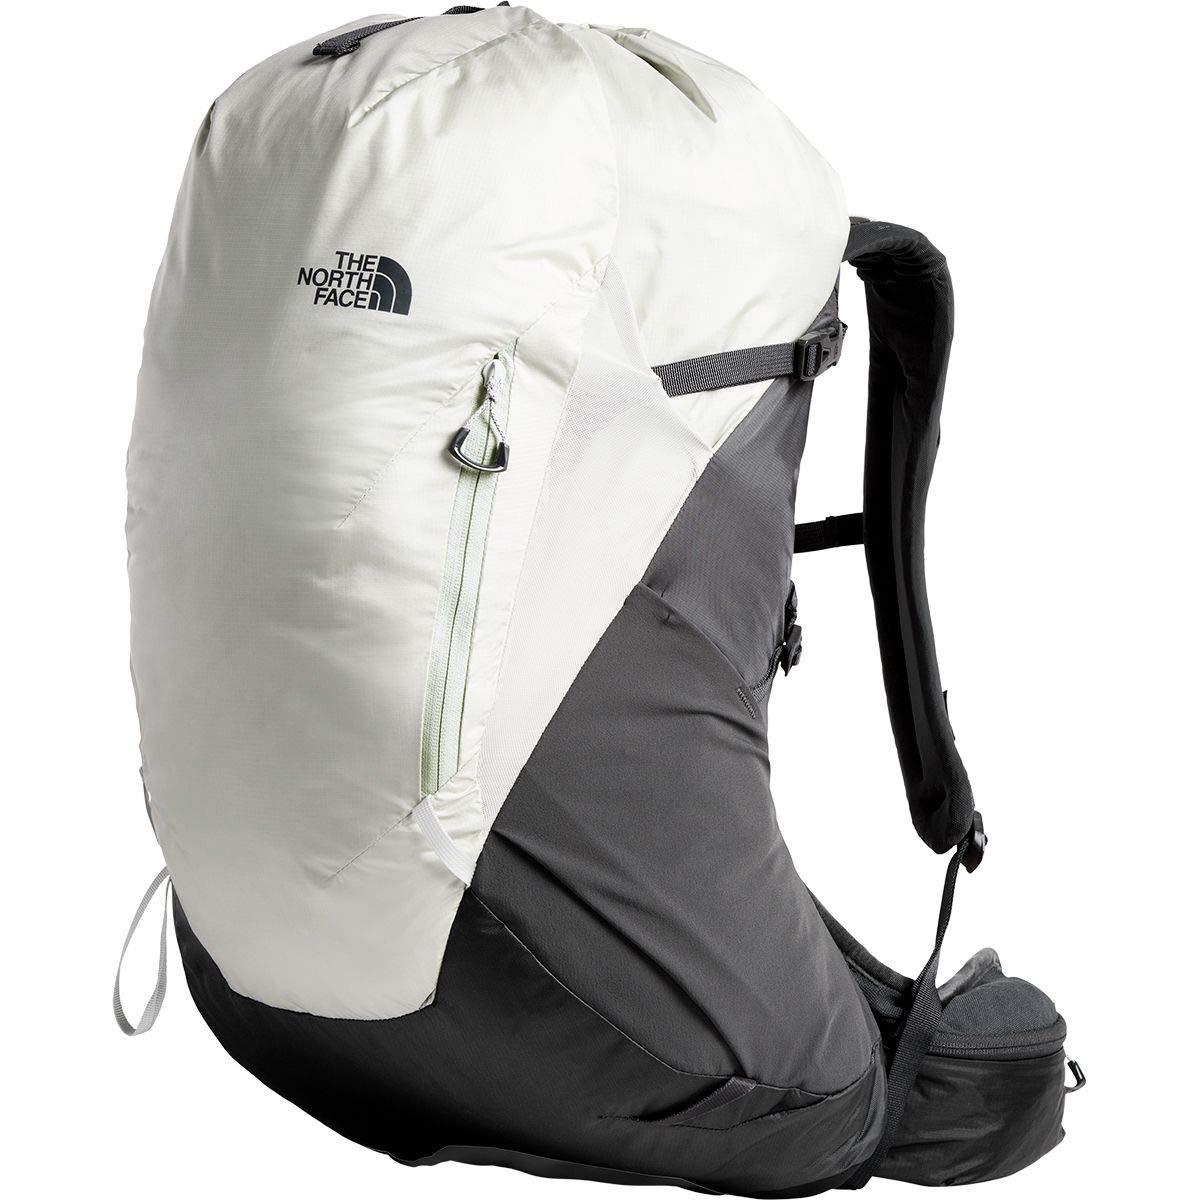 [ノースフェイス] メンズ バックパックリュックサック Hydra 26L Backpack [並行輸入品] B07P421HM2